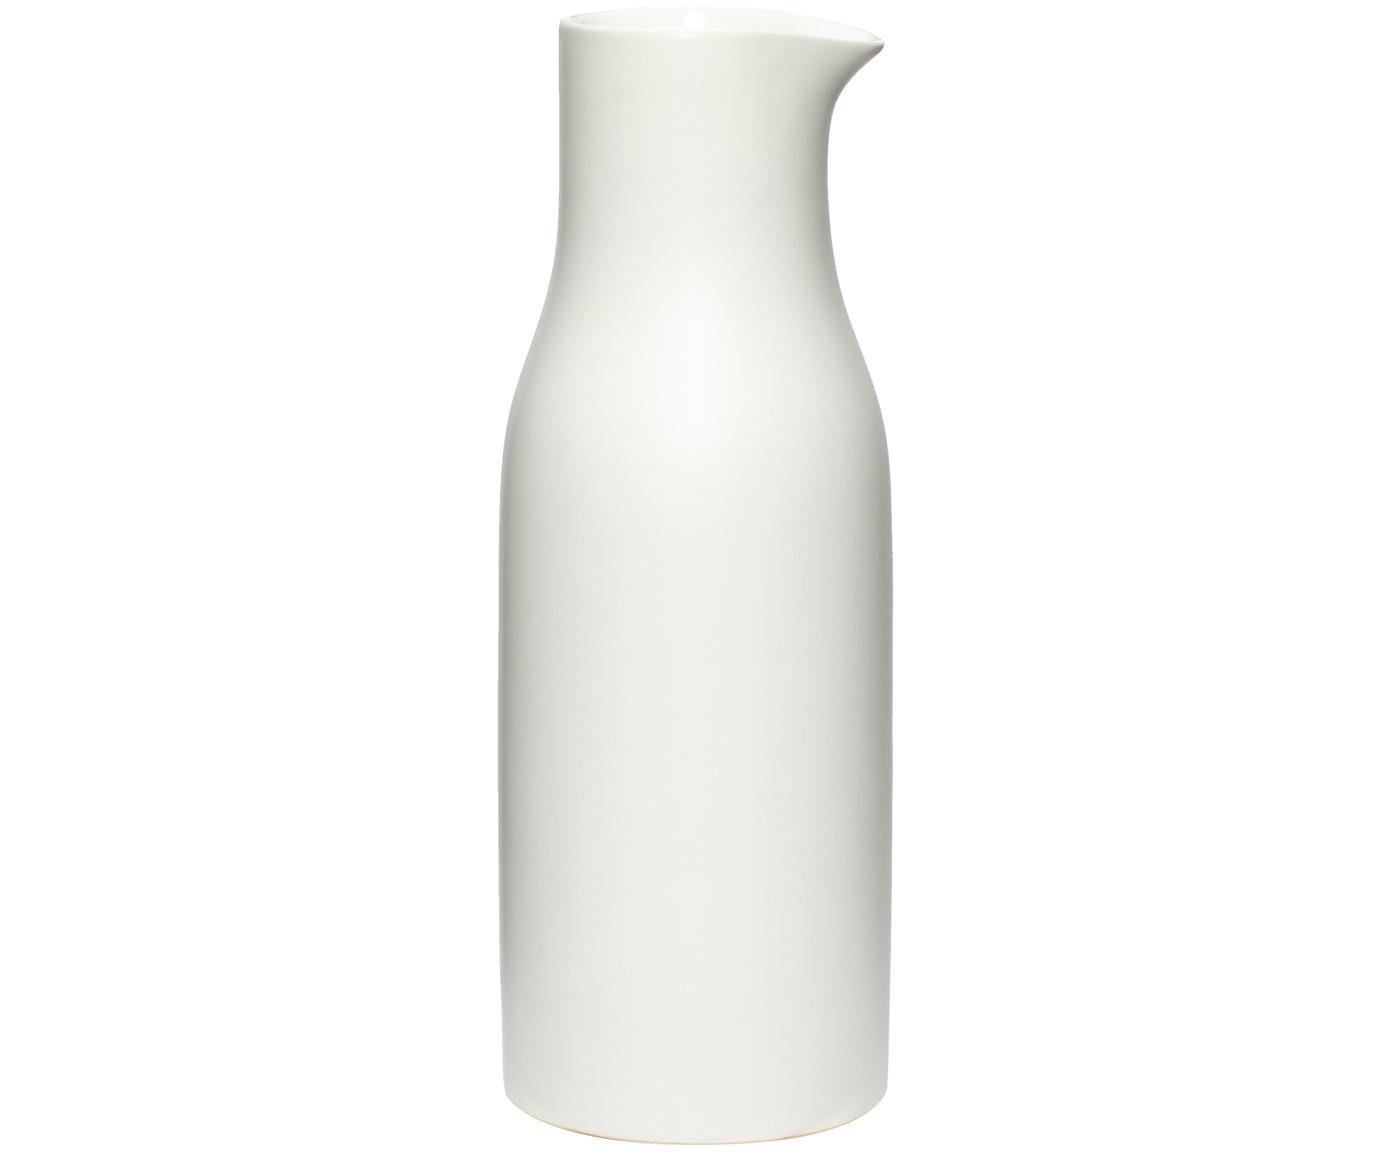 Jarra Sogbo, Porcelana, Blanco, 1.5 L